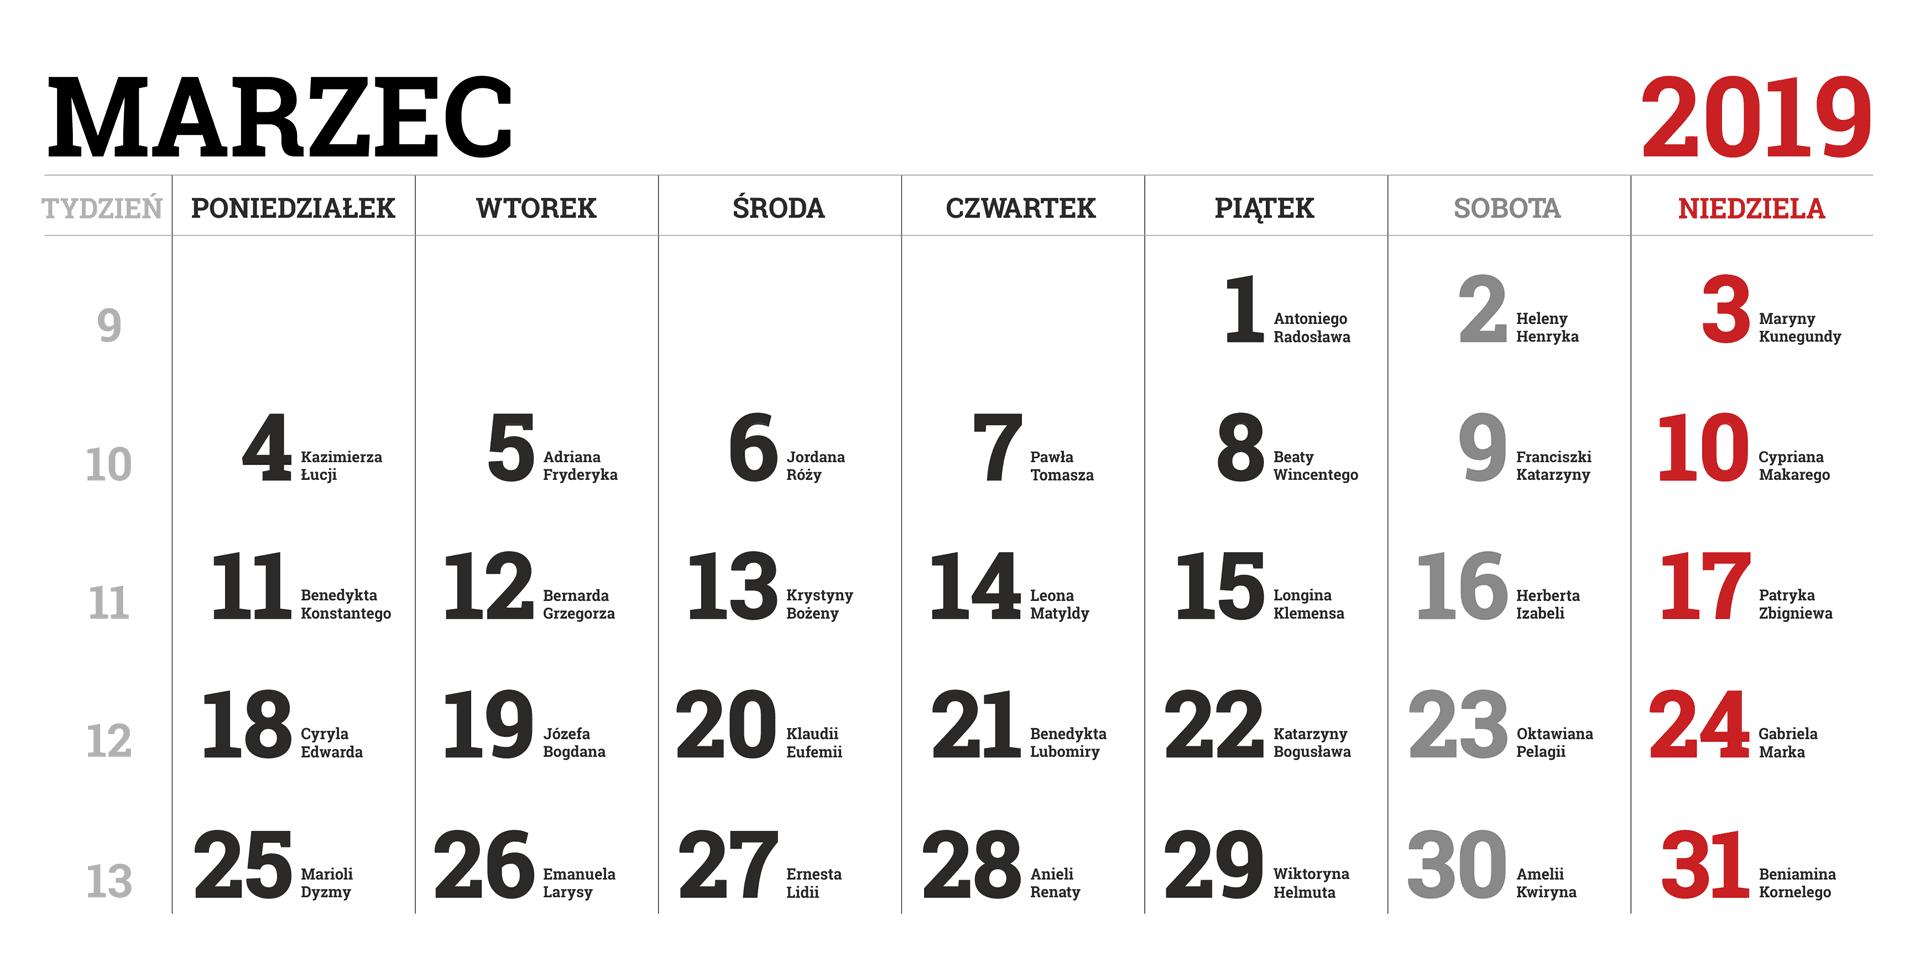 Kalendarium miesiąca marca 2019 roku